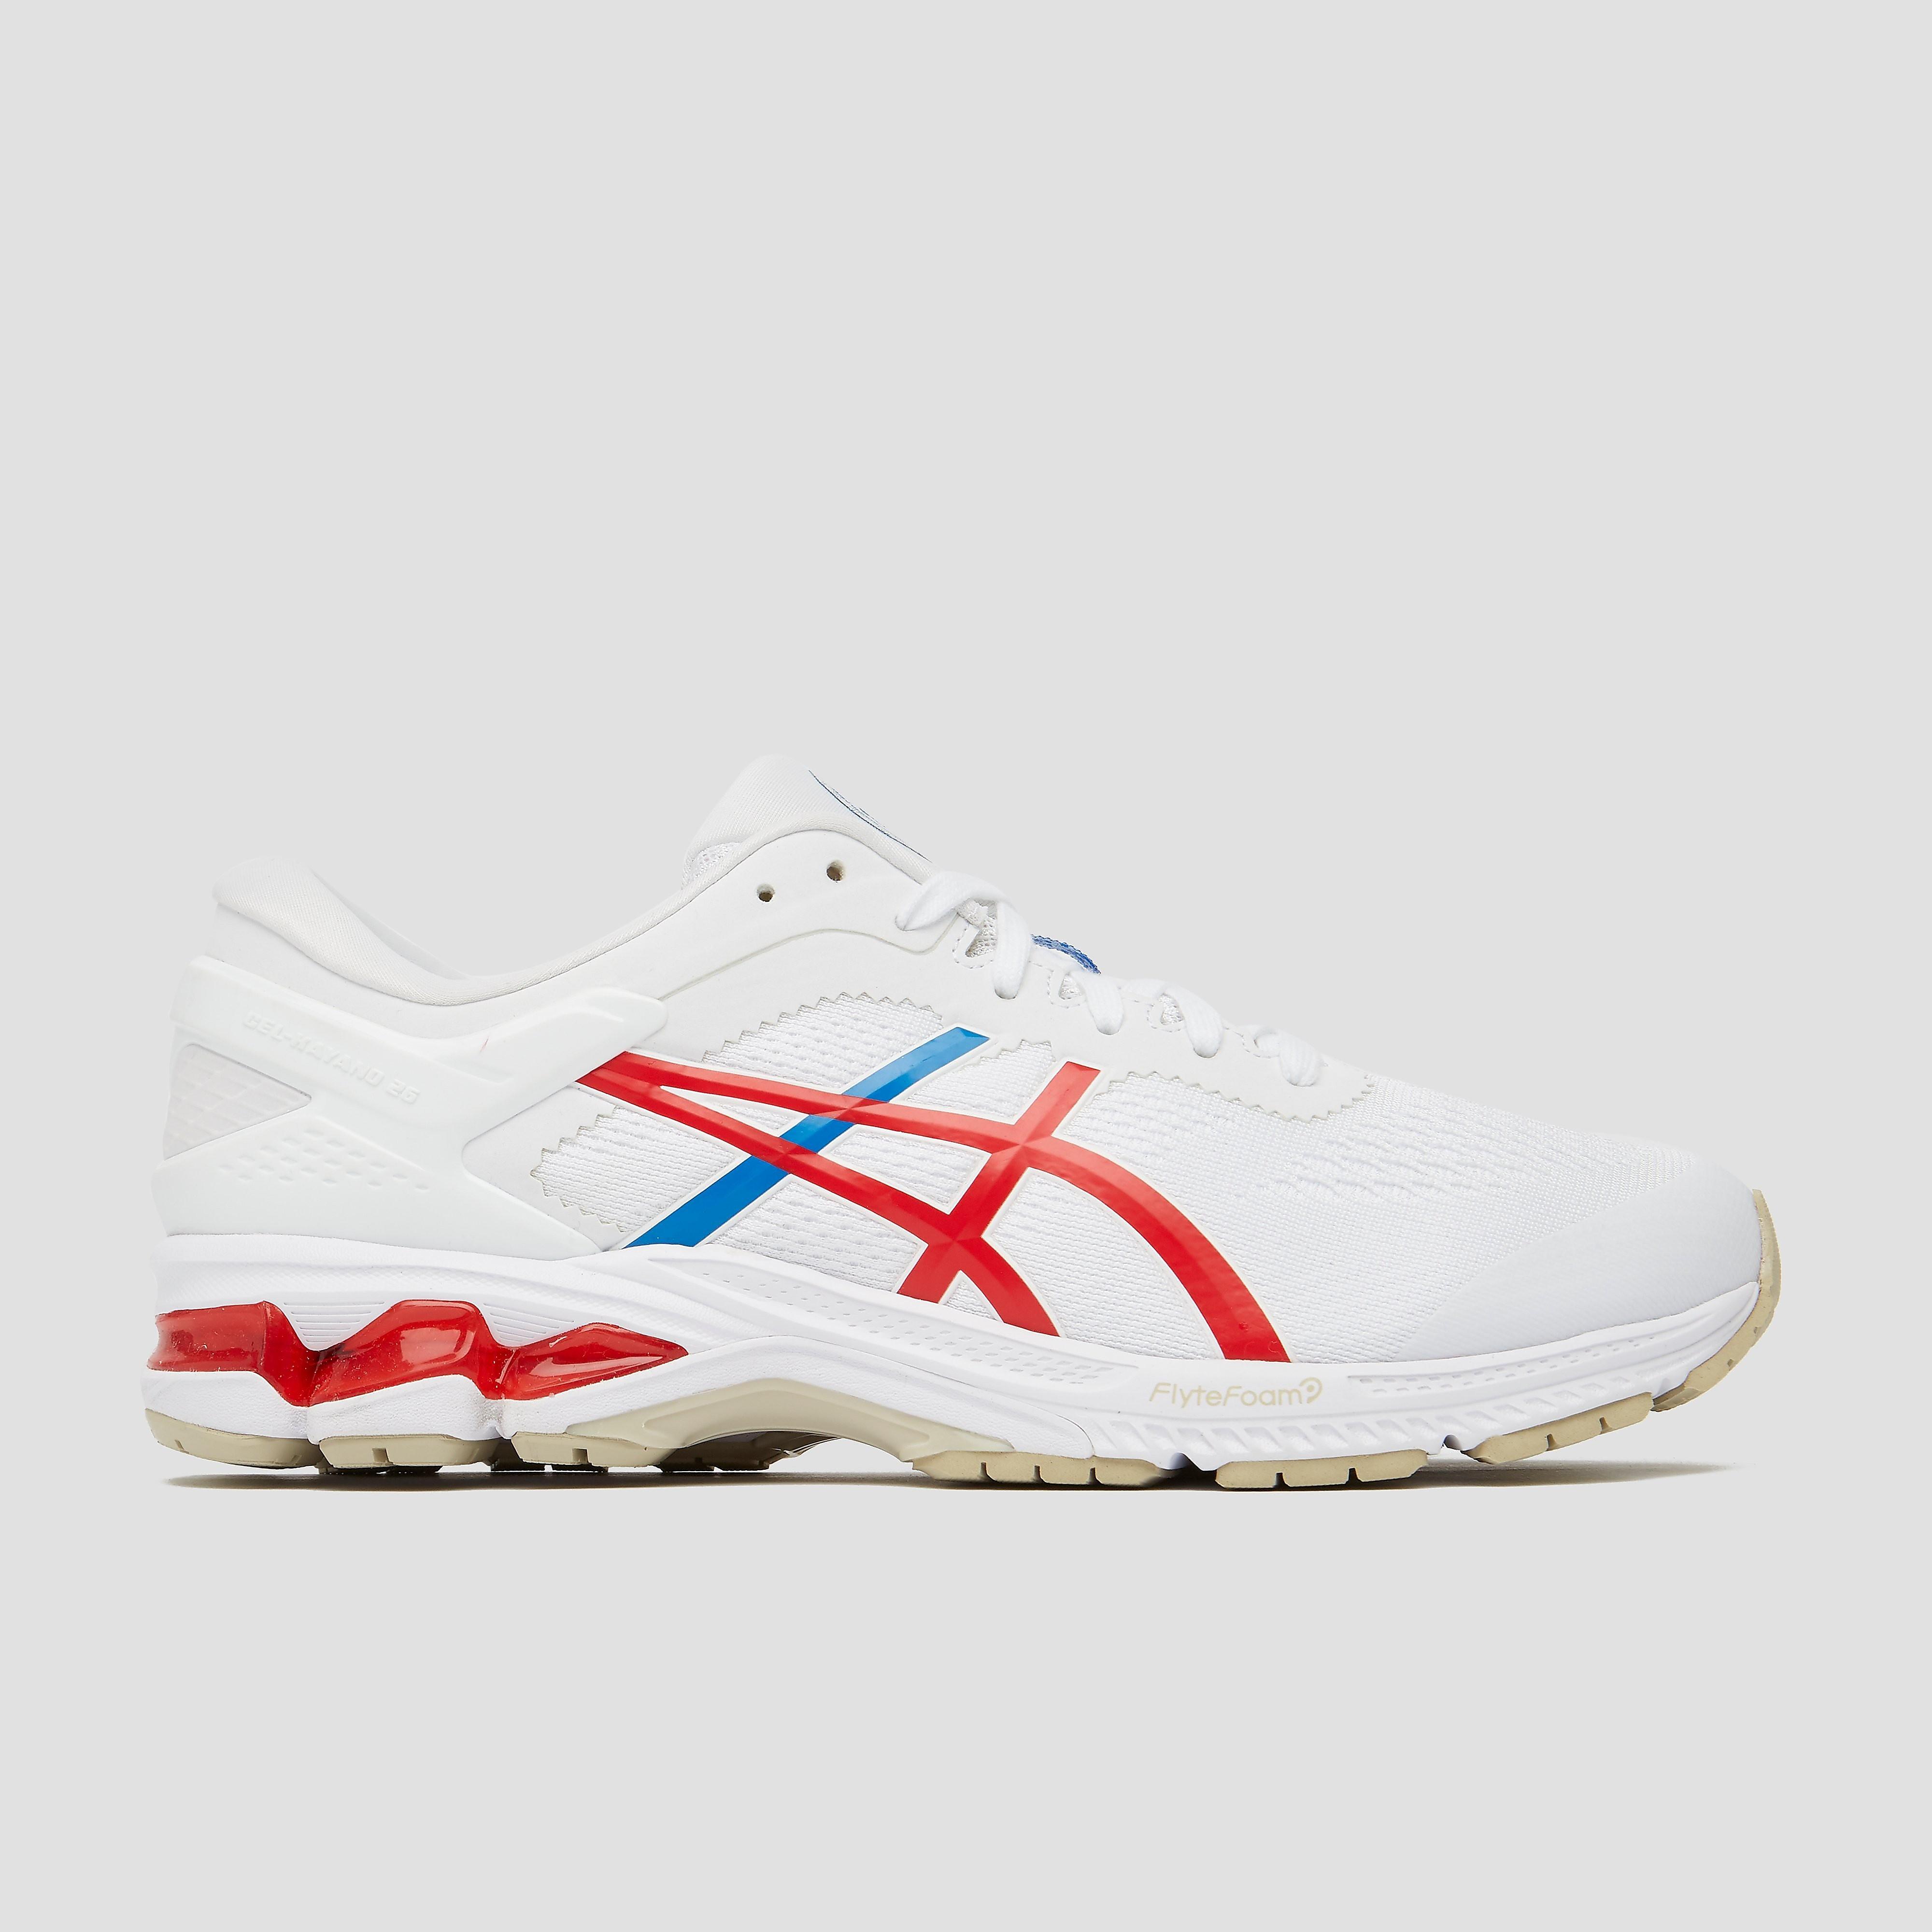 ASICS Gel-kayano 26 retro tokyo hardloopschoenen wit/rood heren Heren